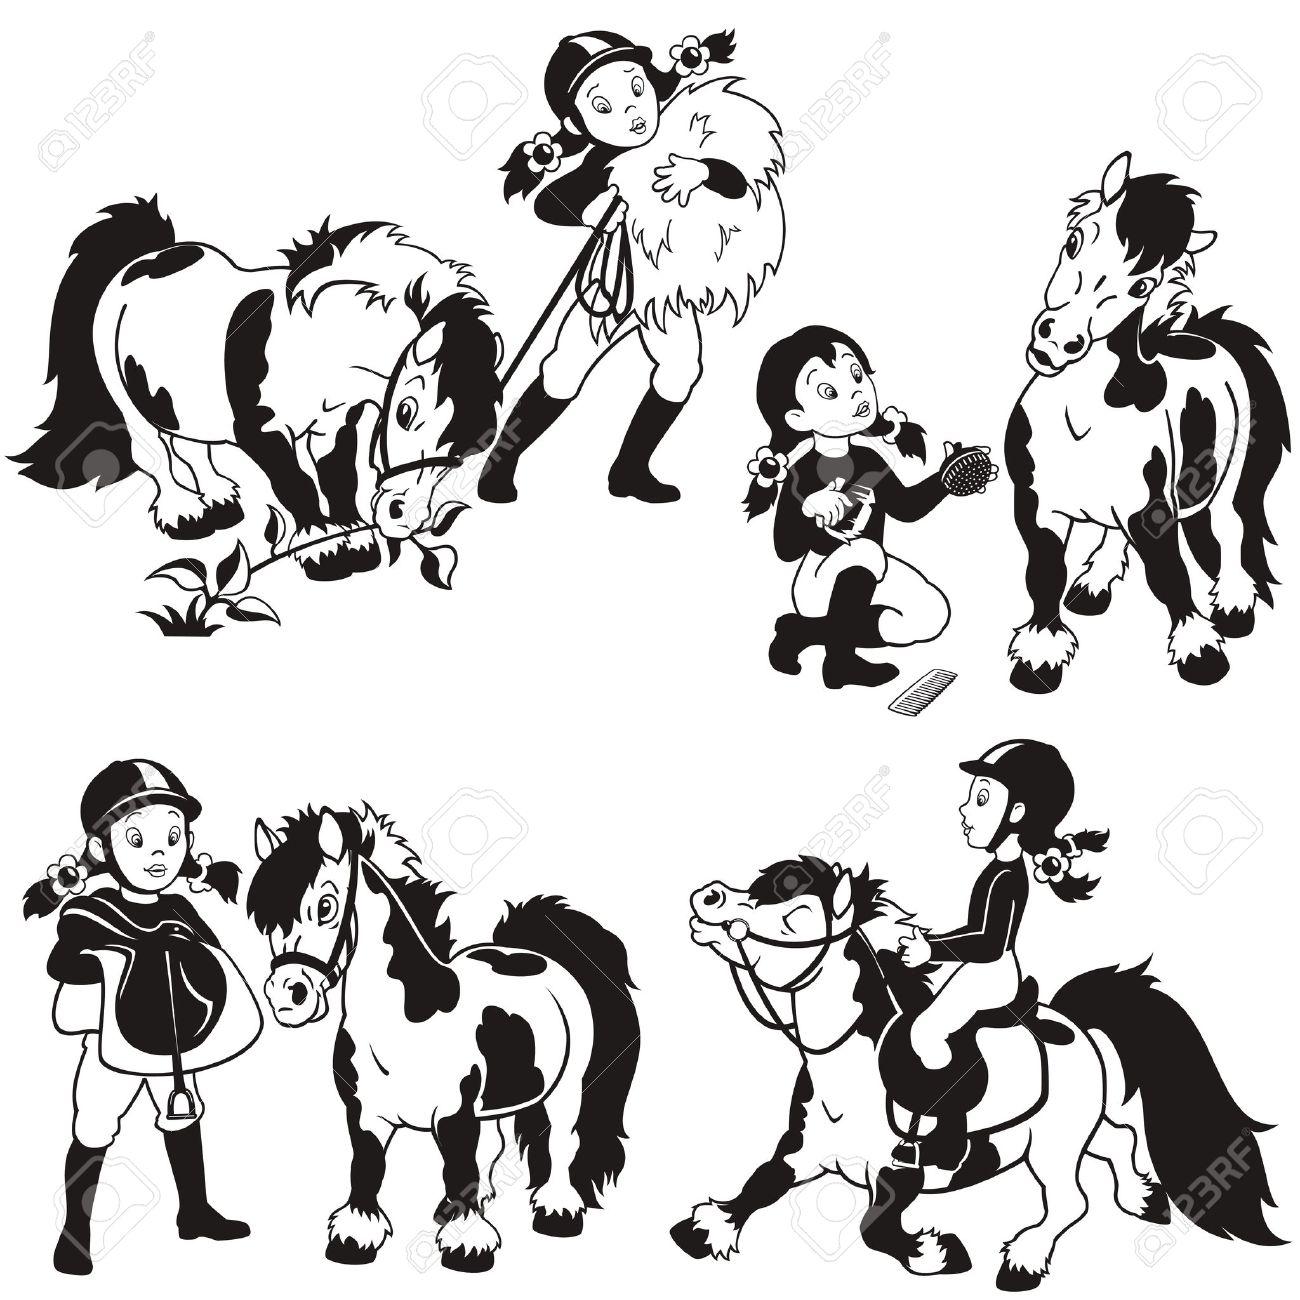 Cheval Cavalier Petite Fille Et Poney Jeu De Dessin Animé En Noir Et Blanc Illustration Pour Enfants